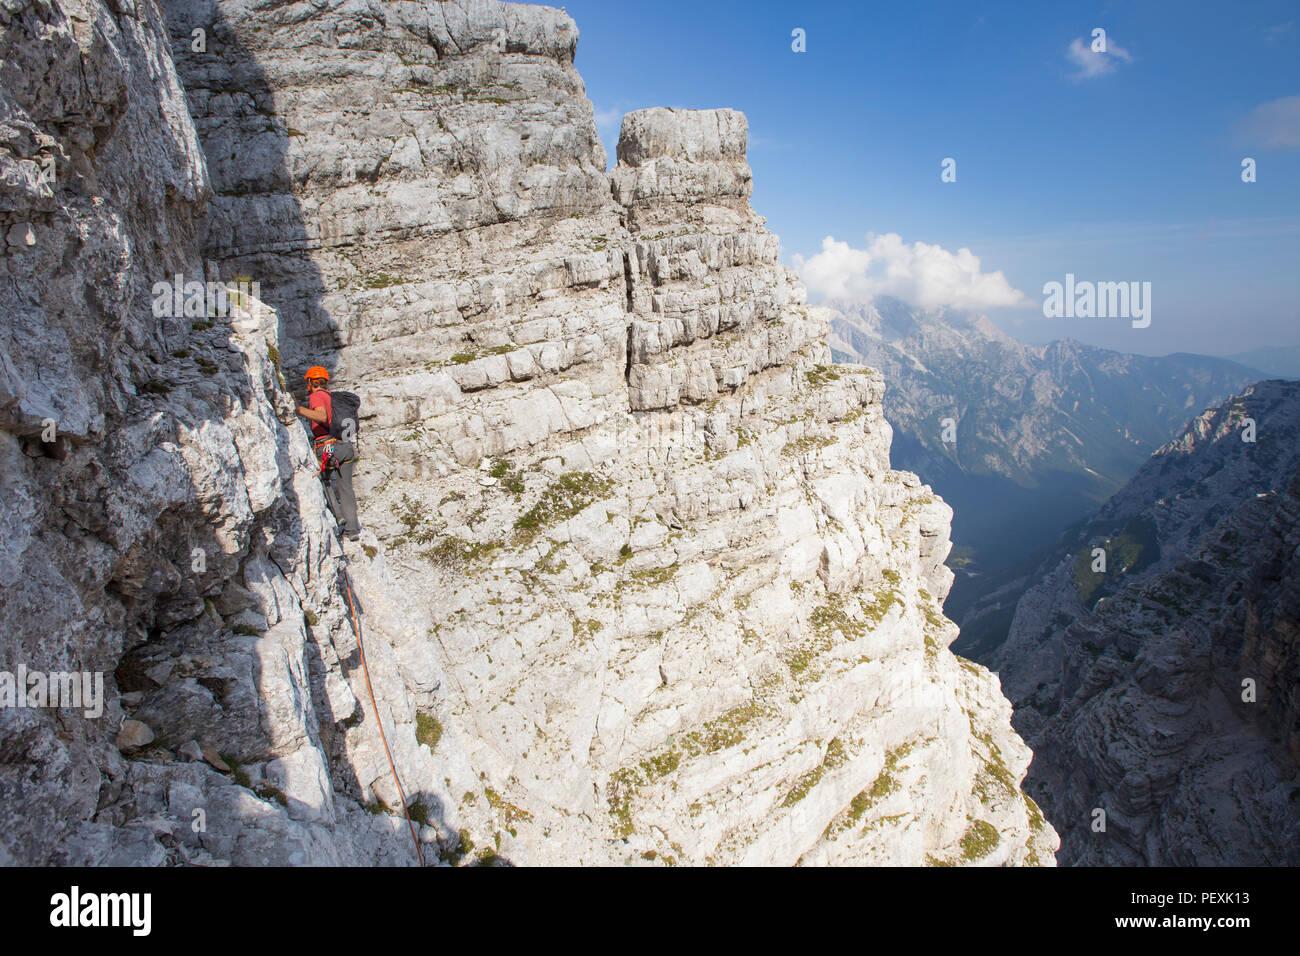 Guía de montaña caminando por el acantilado durante la ascensión de Triglav, en Eslovenia Imagen De Stock